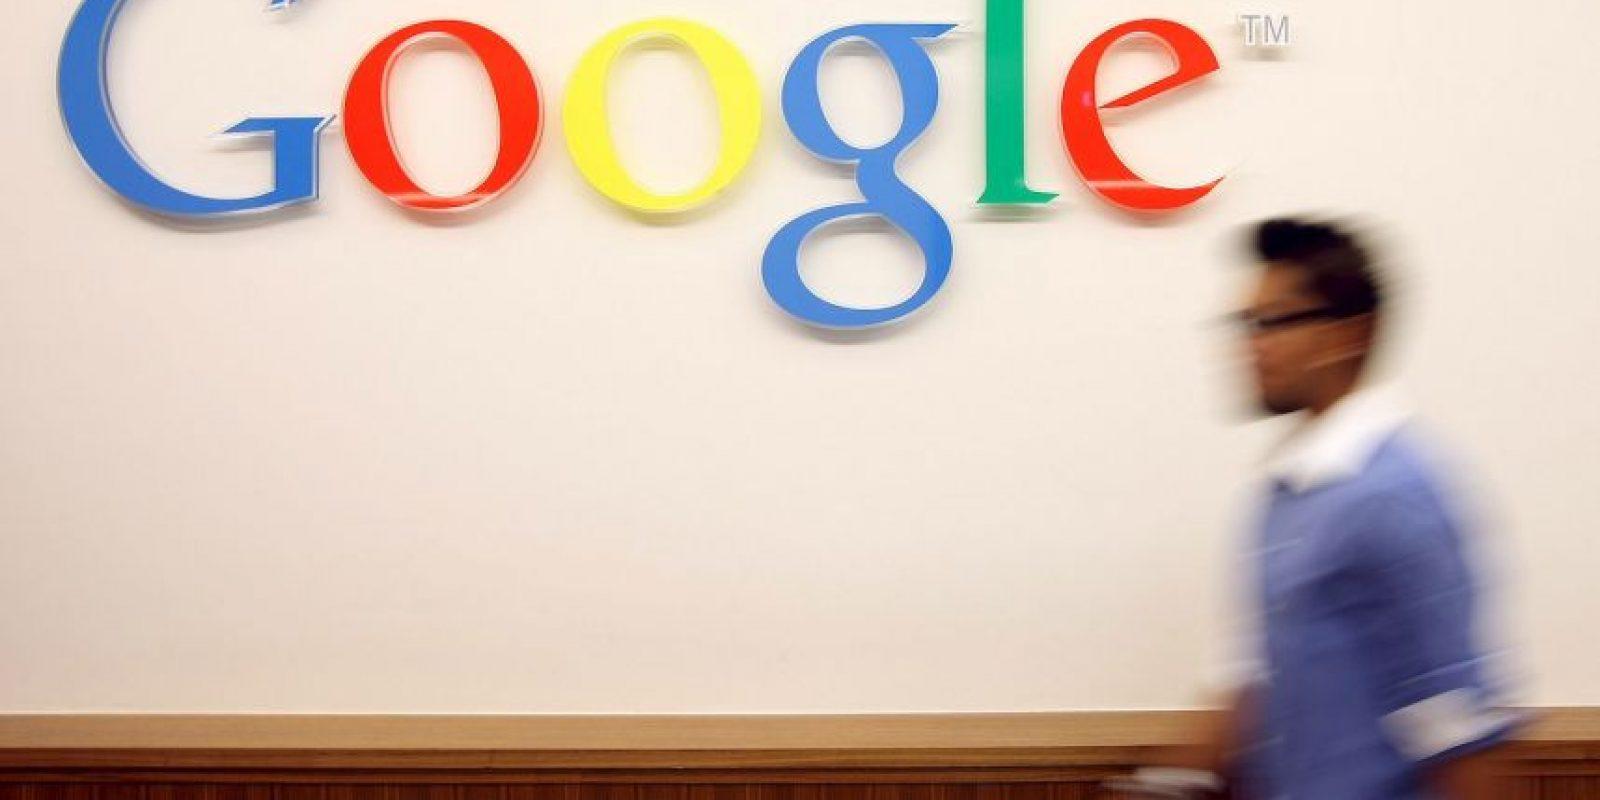 Google Photos: pueden recortar, enmarcar y pueden mejorar las fotos con filtros muy interesantes Foto:Getty Images